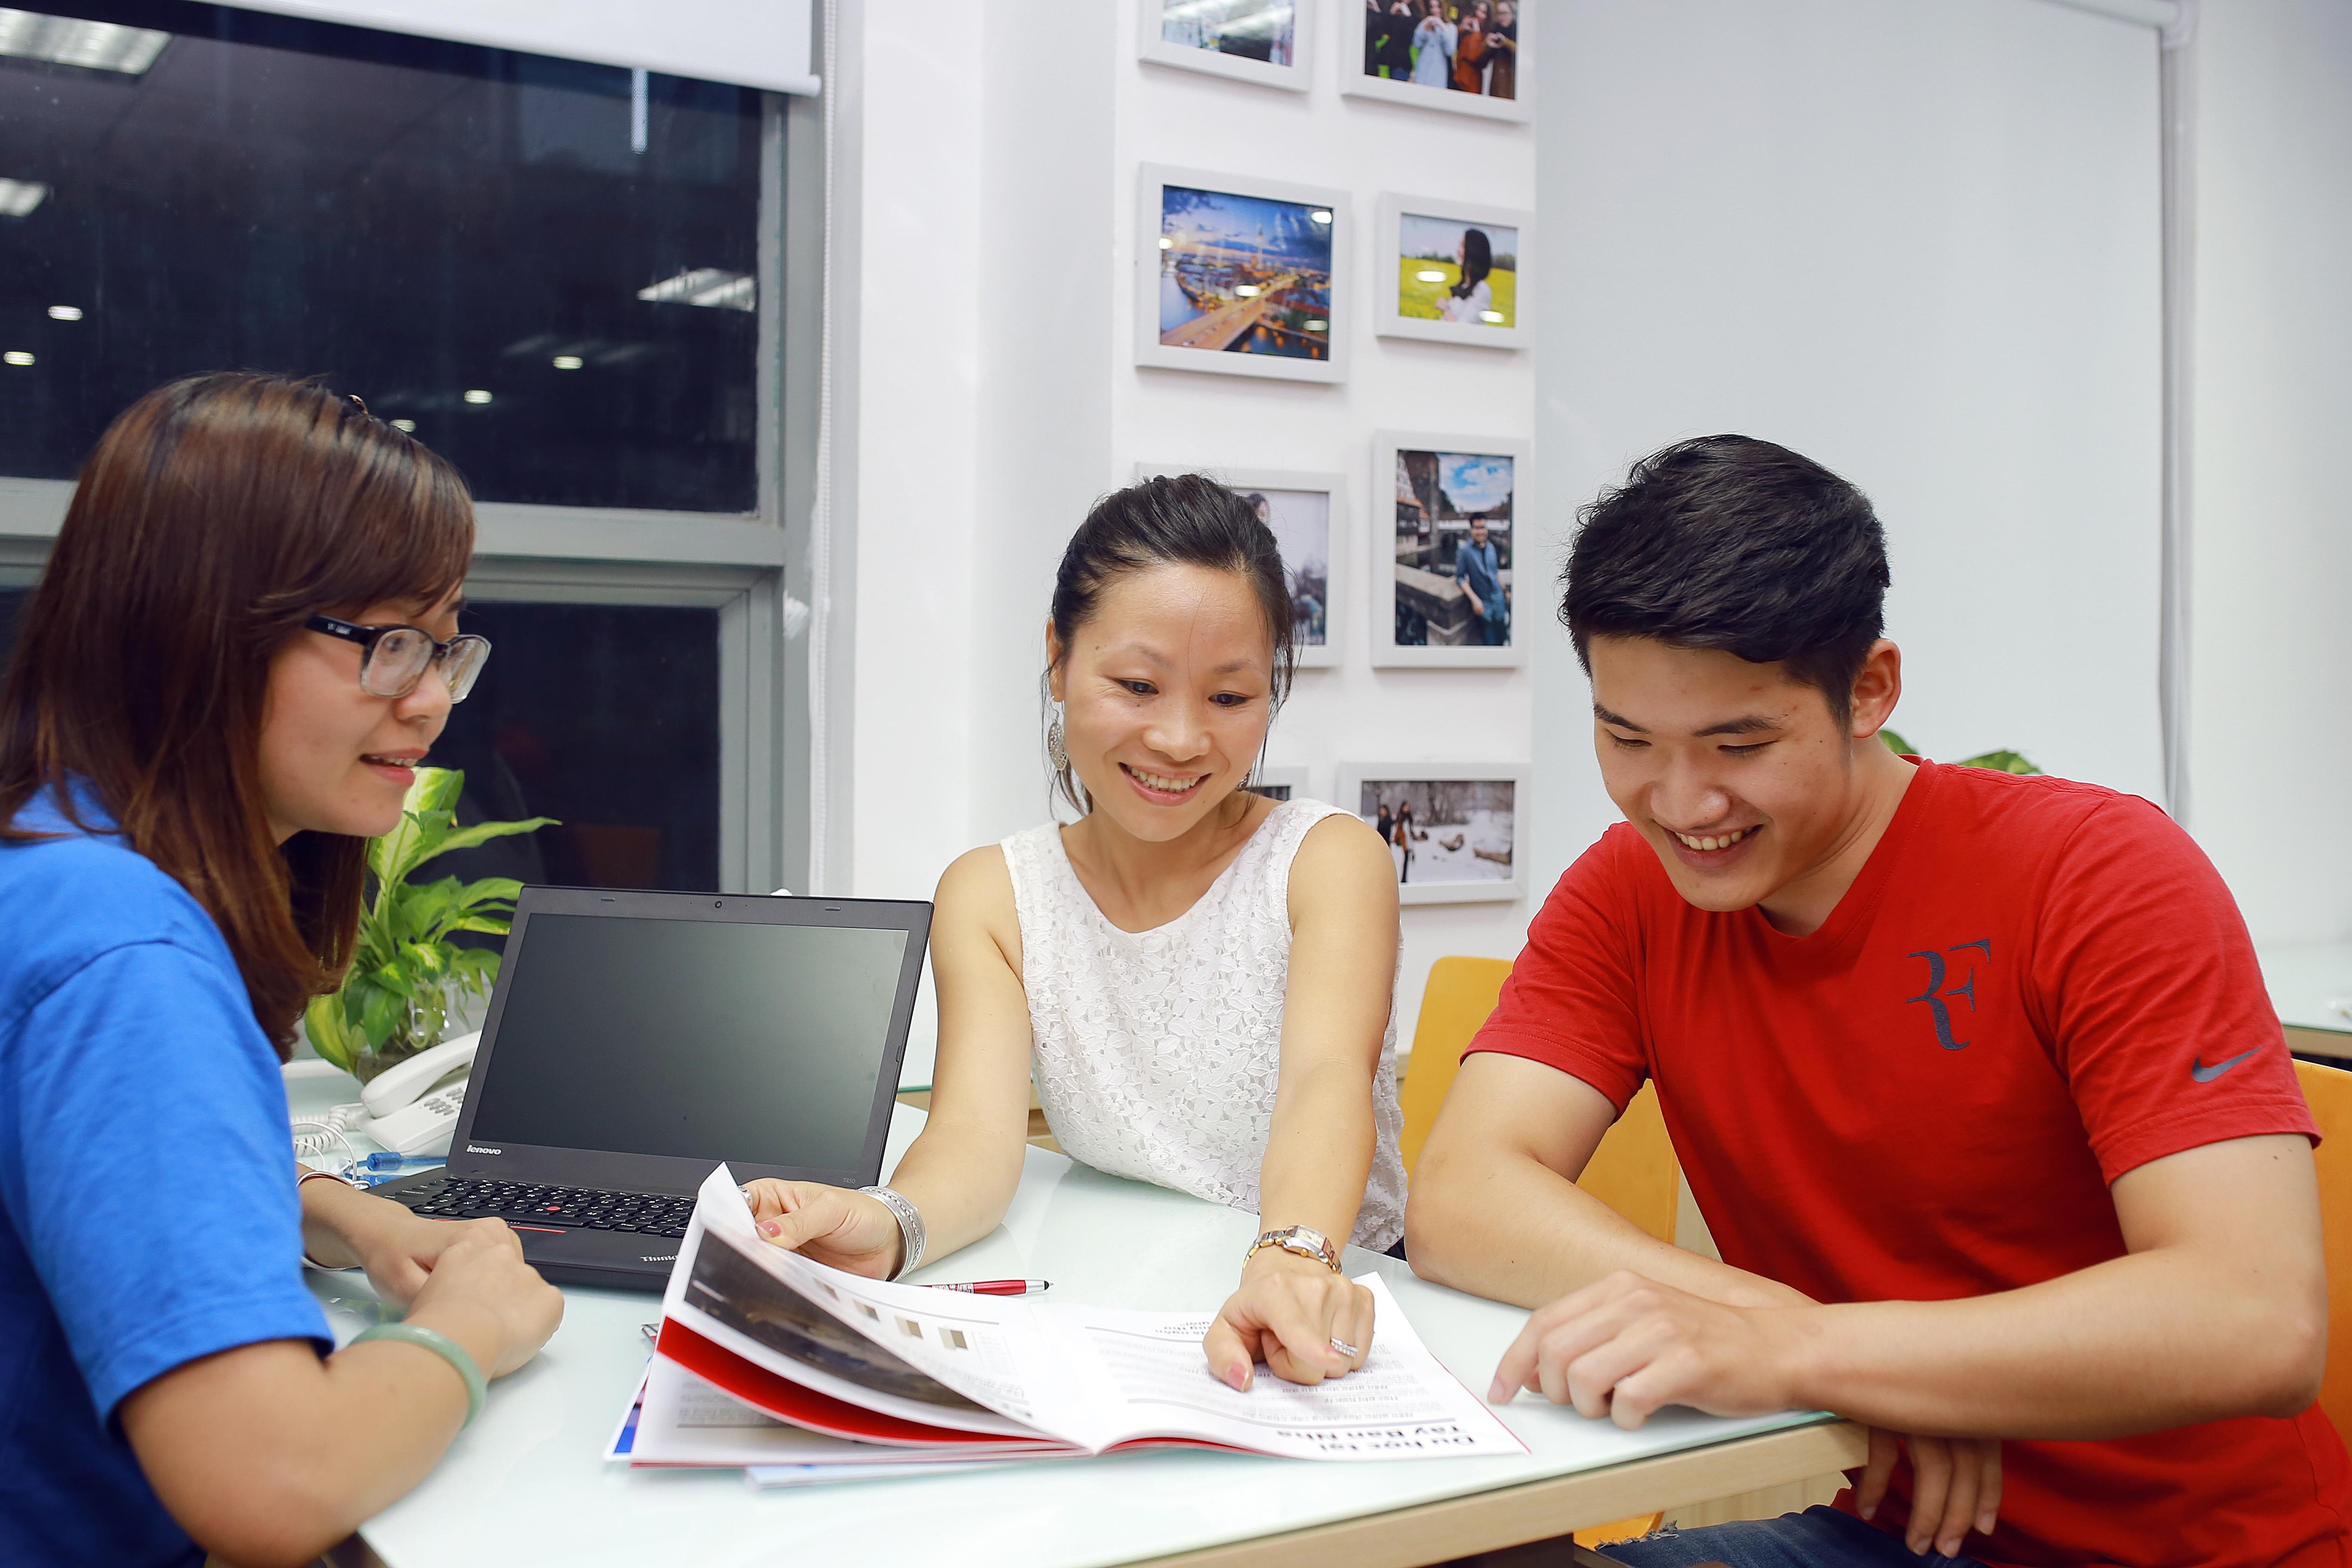 Tuyển dụng nhân viên tư vấn du học Đức chi nhánh Hà Nội và Hồ Chí Minh!